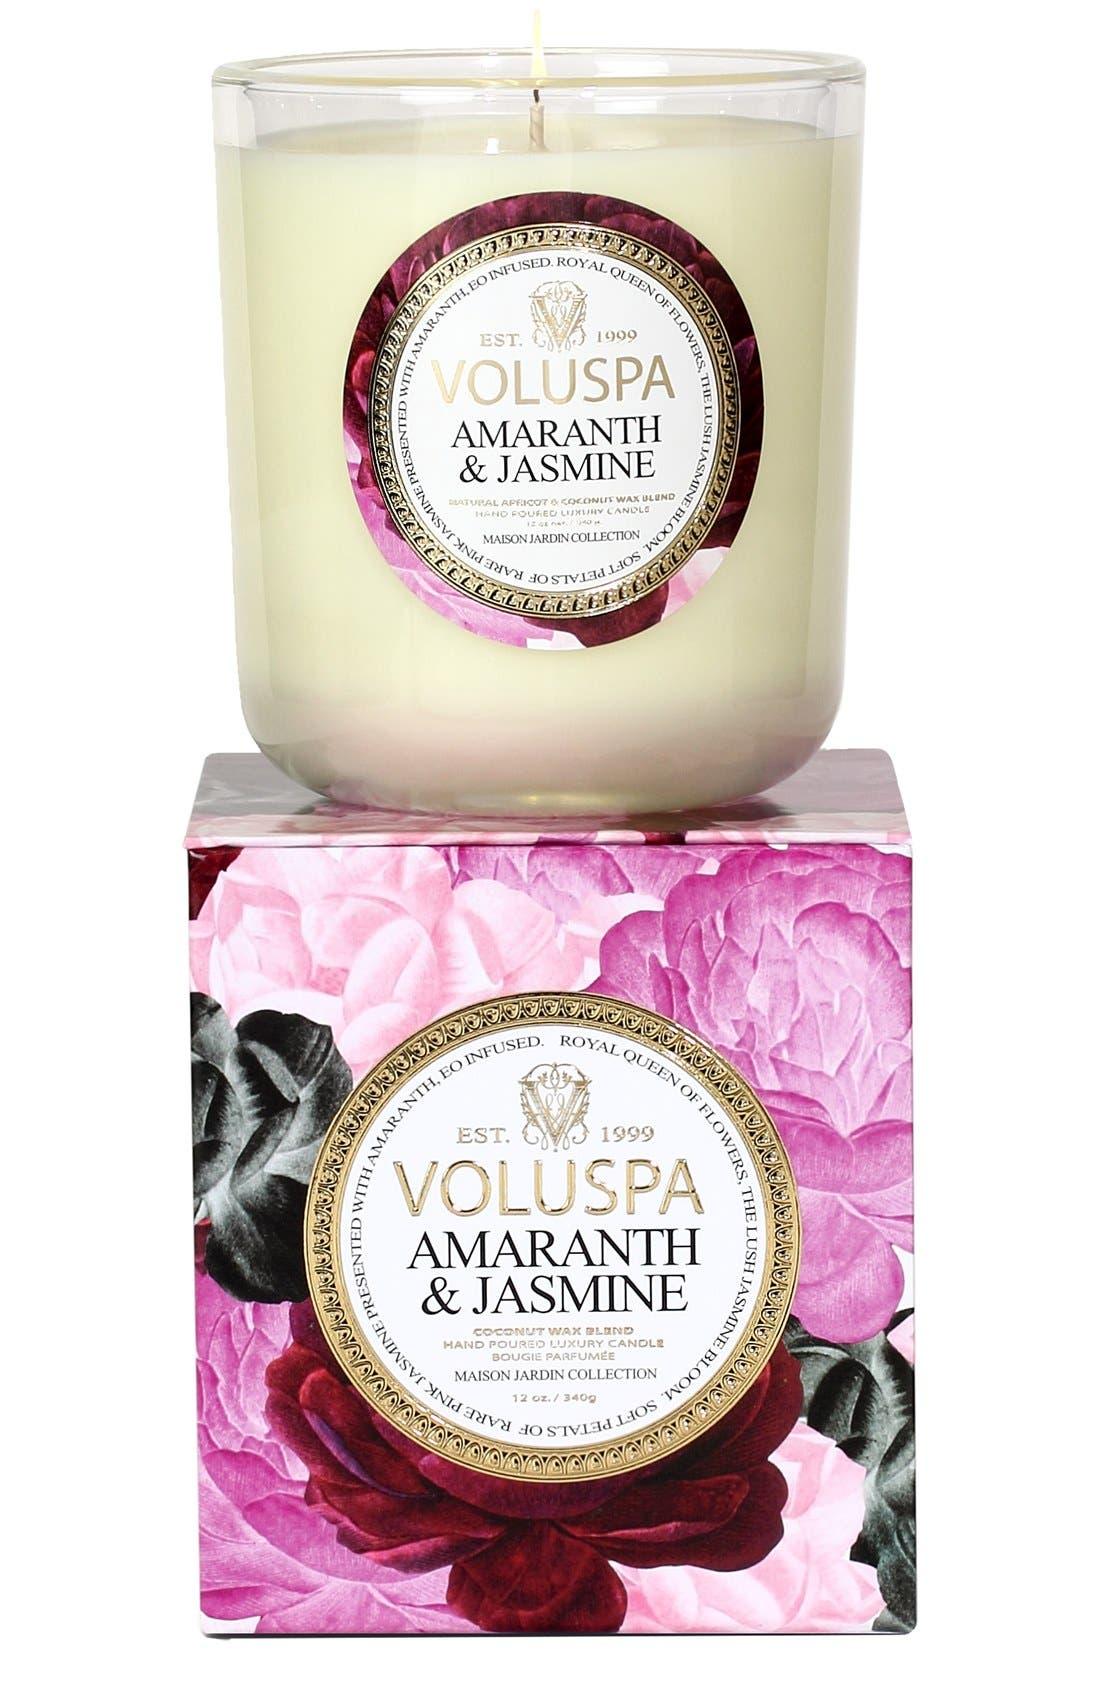 Maison Jardin Amaranth & Jasmine Classic Maison Candle,                         Main,                         color, NO COLOR